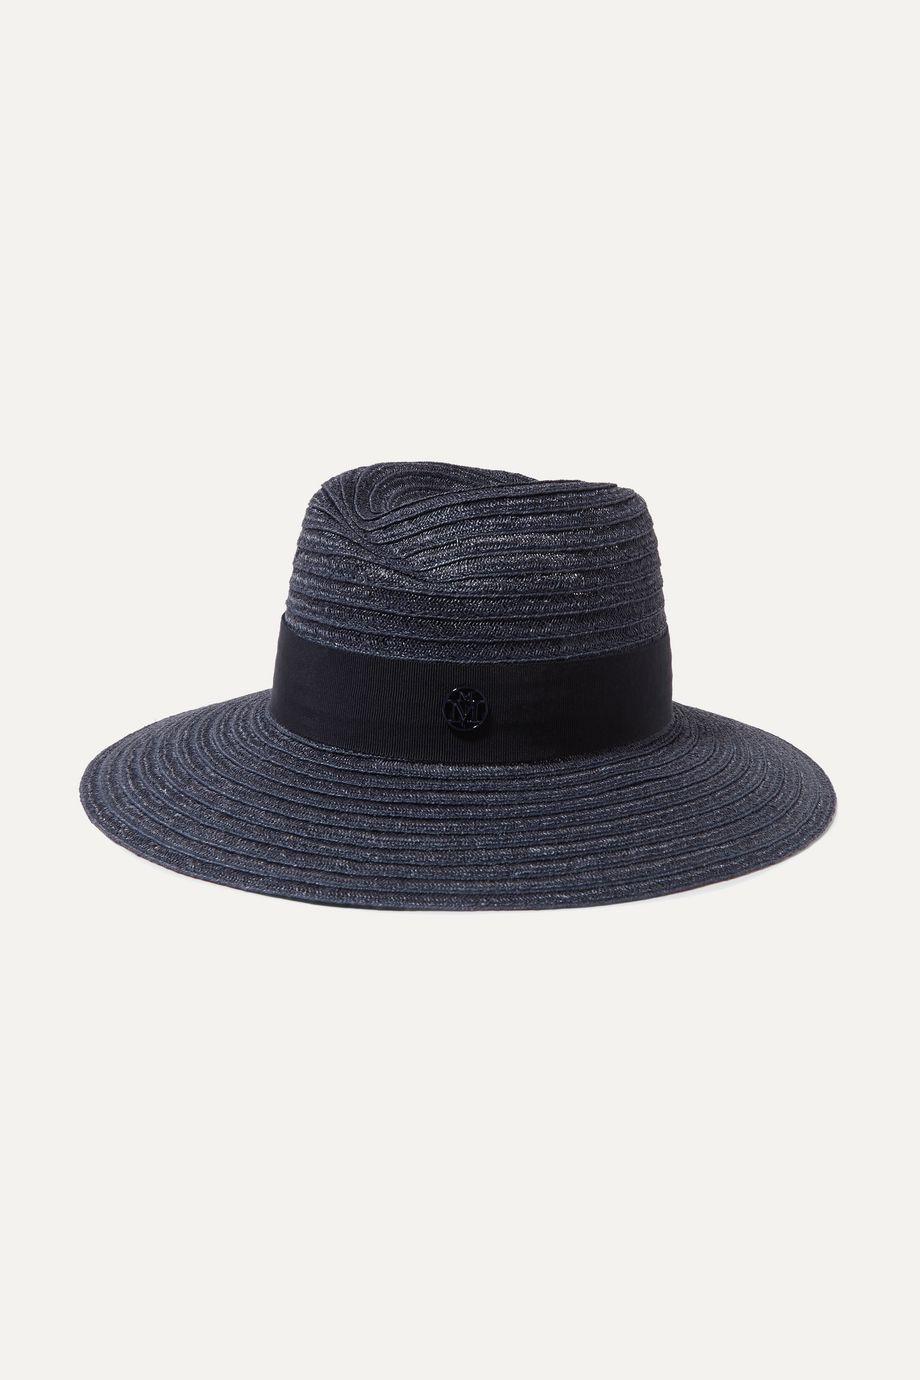 Maison Michel Virginie grosgrain-trimmed straw hat